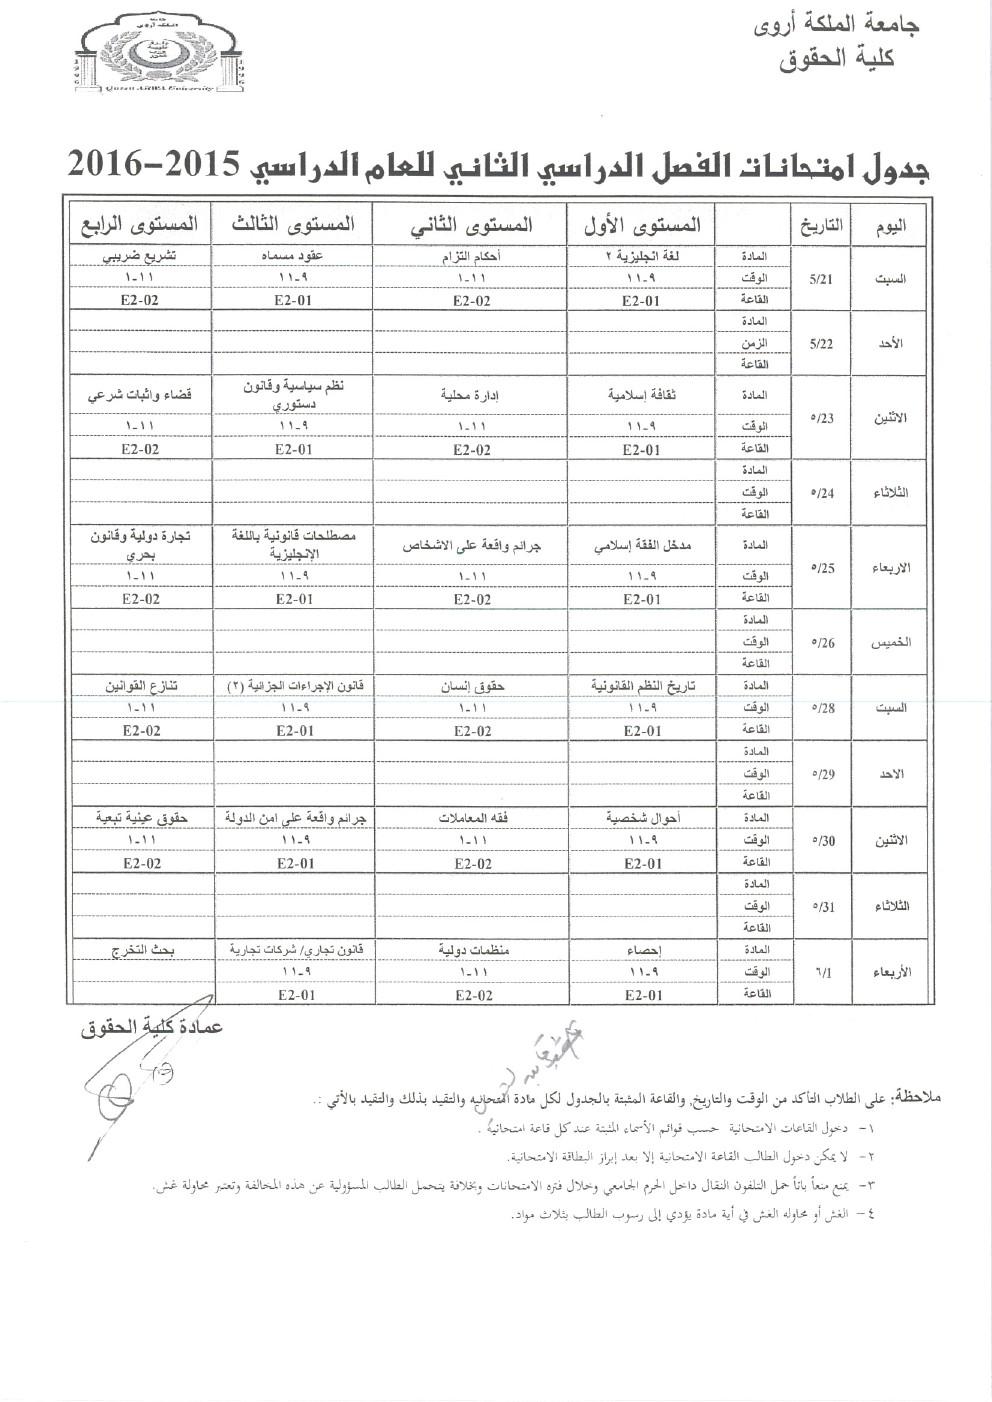 كلية الحقوق - جدول امتحانات الفصل الدراسي الثاني للعام 2015-2016  بعد التعديل